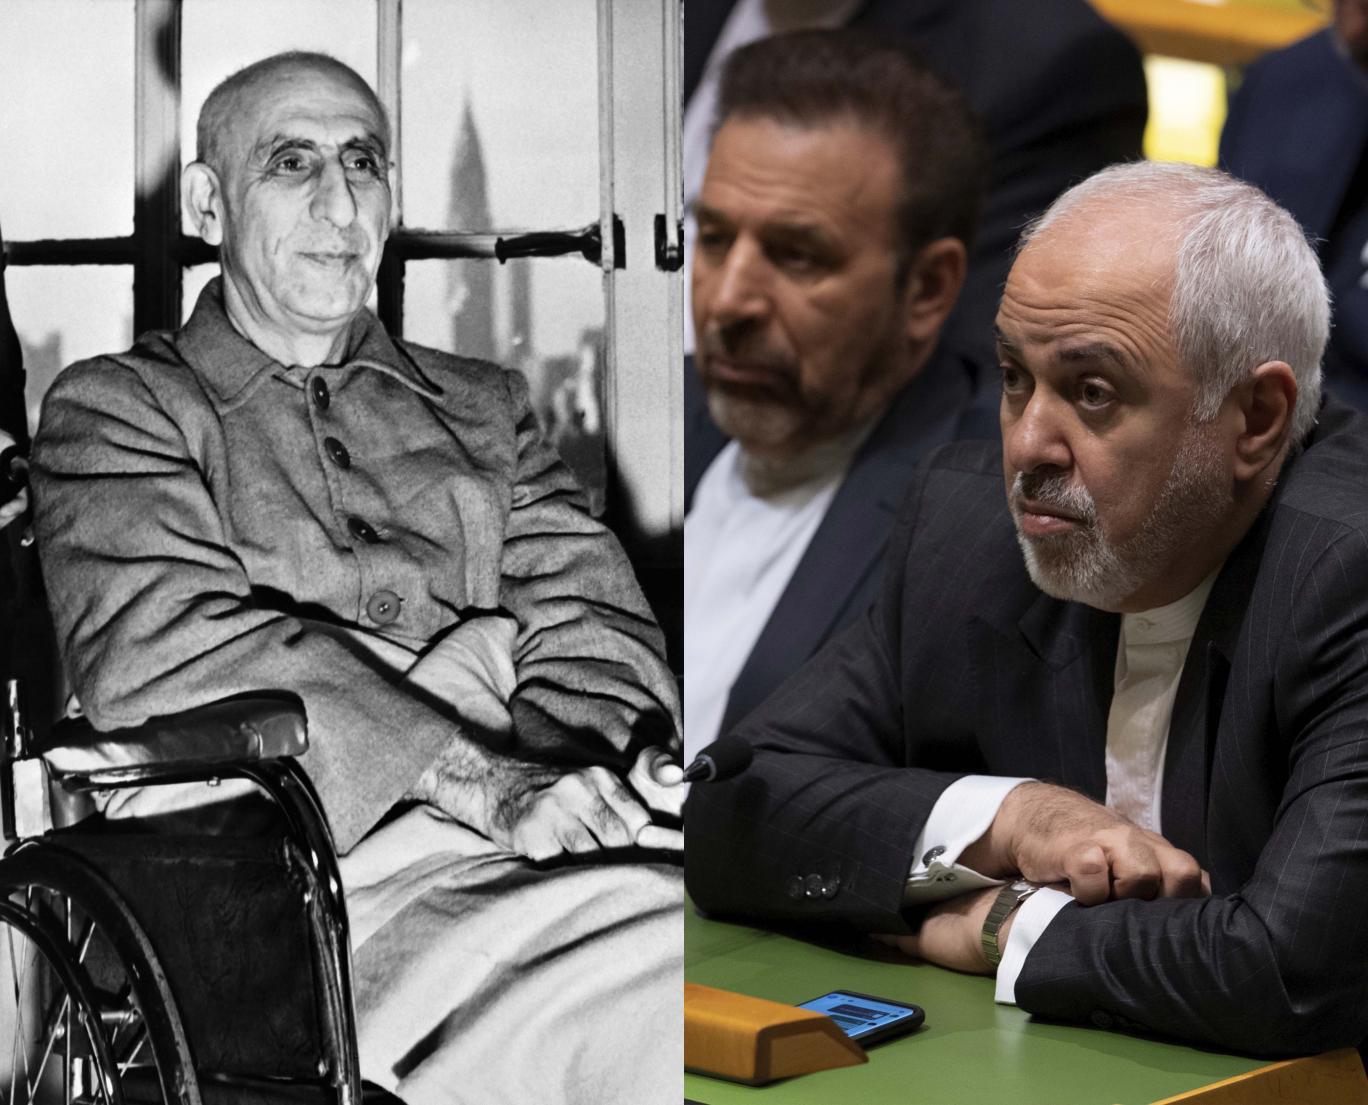 ماموریت رهبر جمهوری اسلامی برای ظریف ۱۴۰۰